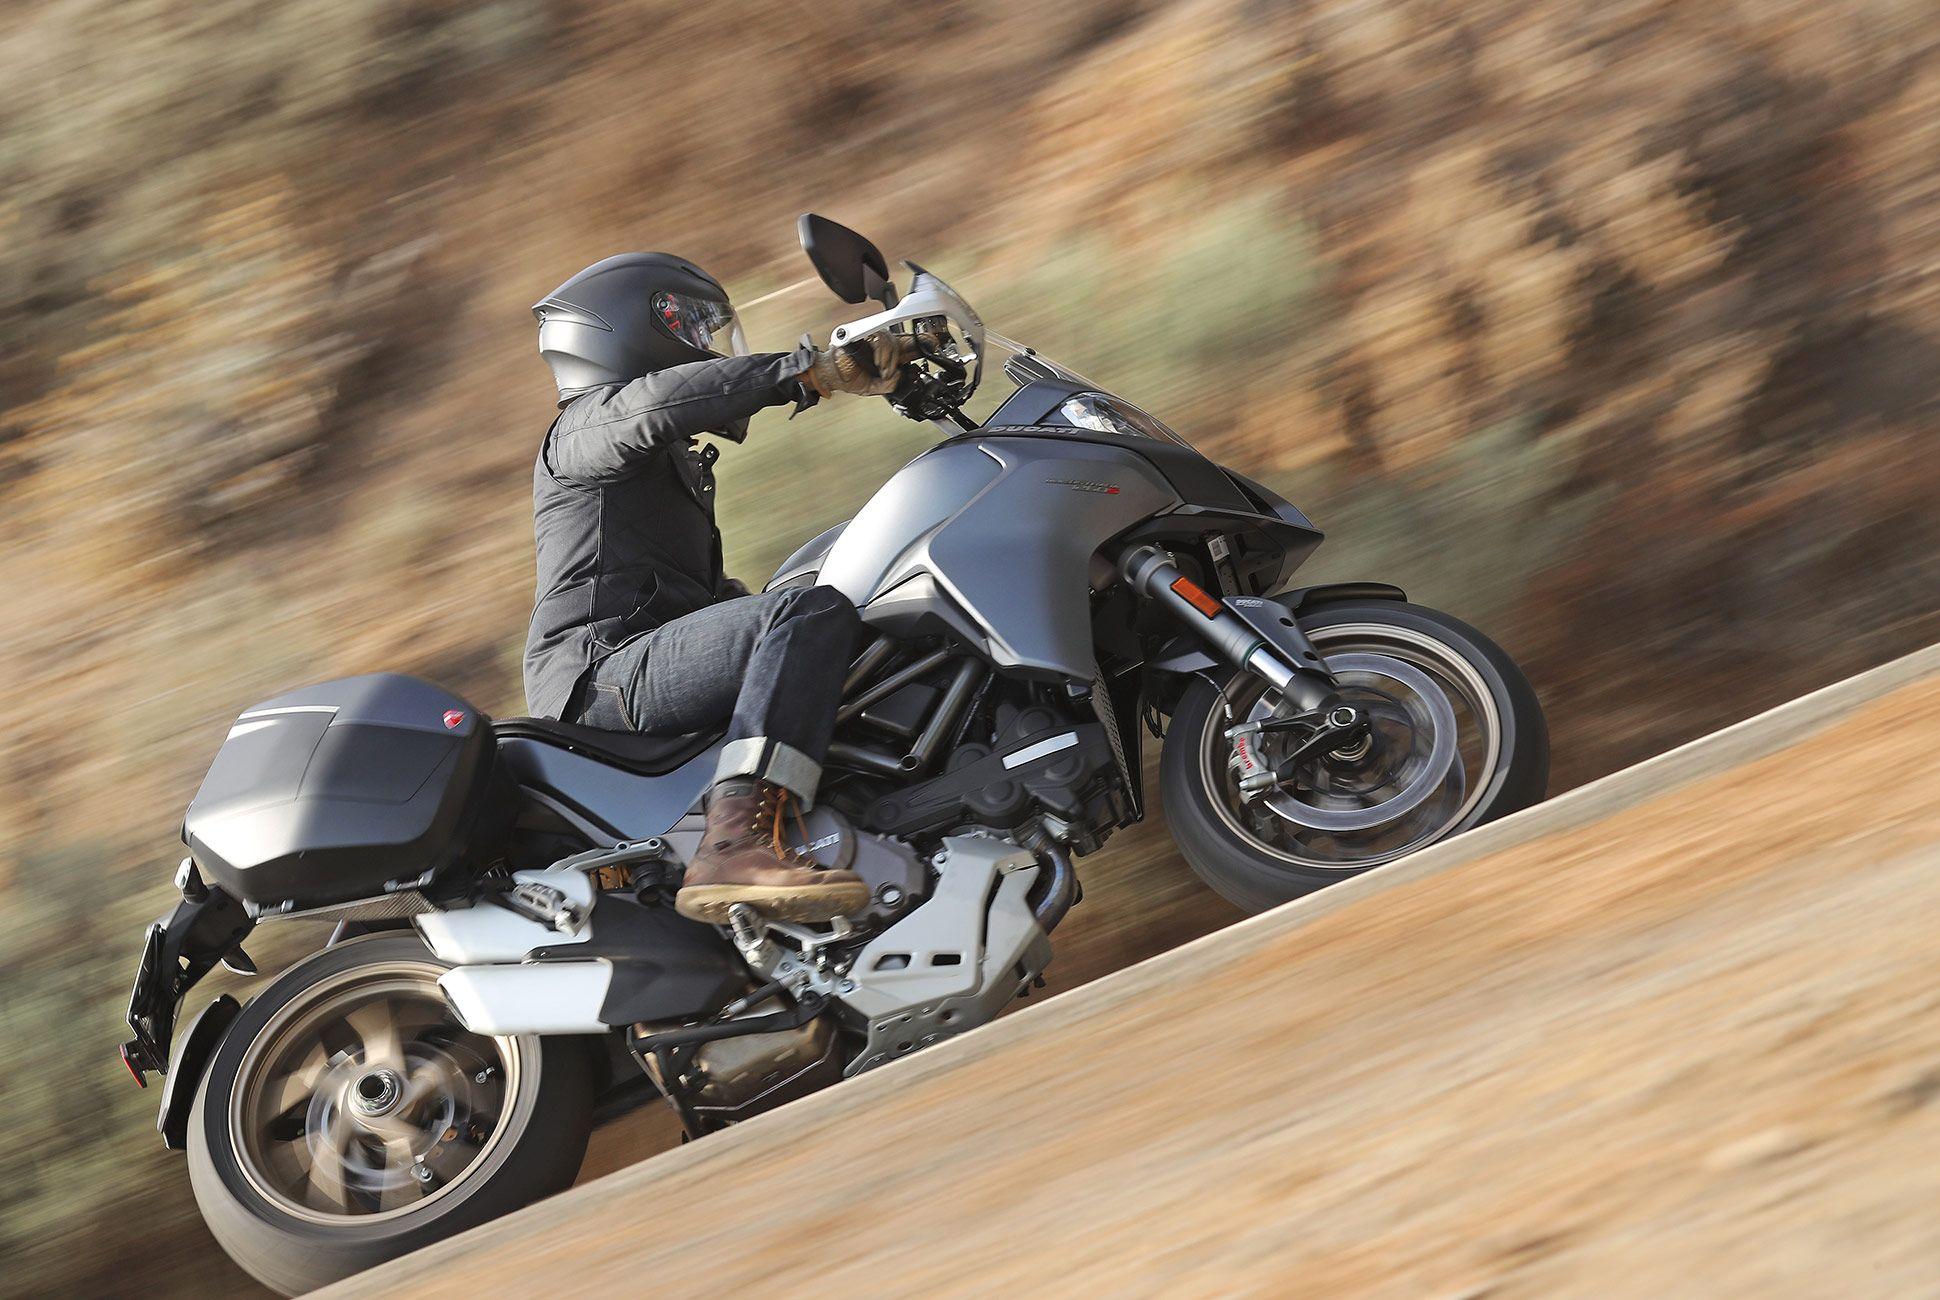 2018-Ducati-MTS-1260-Review-gear-patrol-3